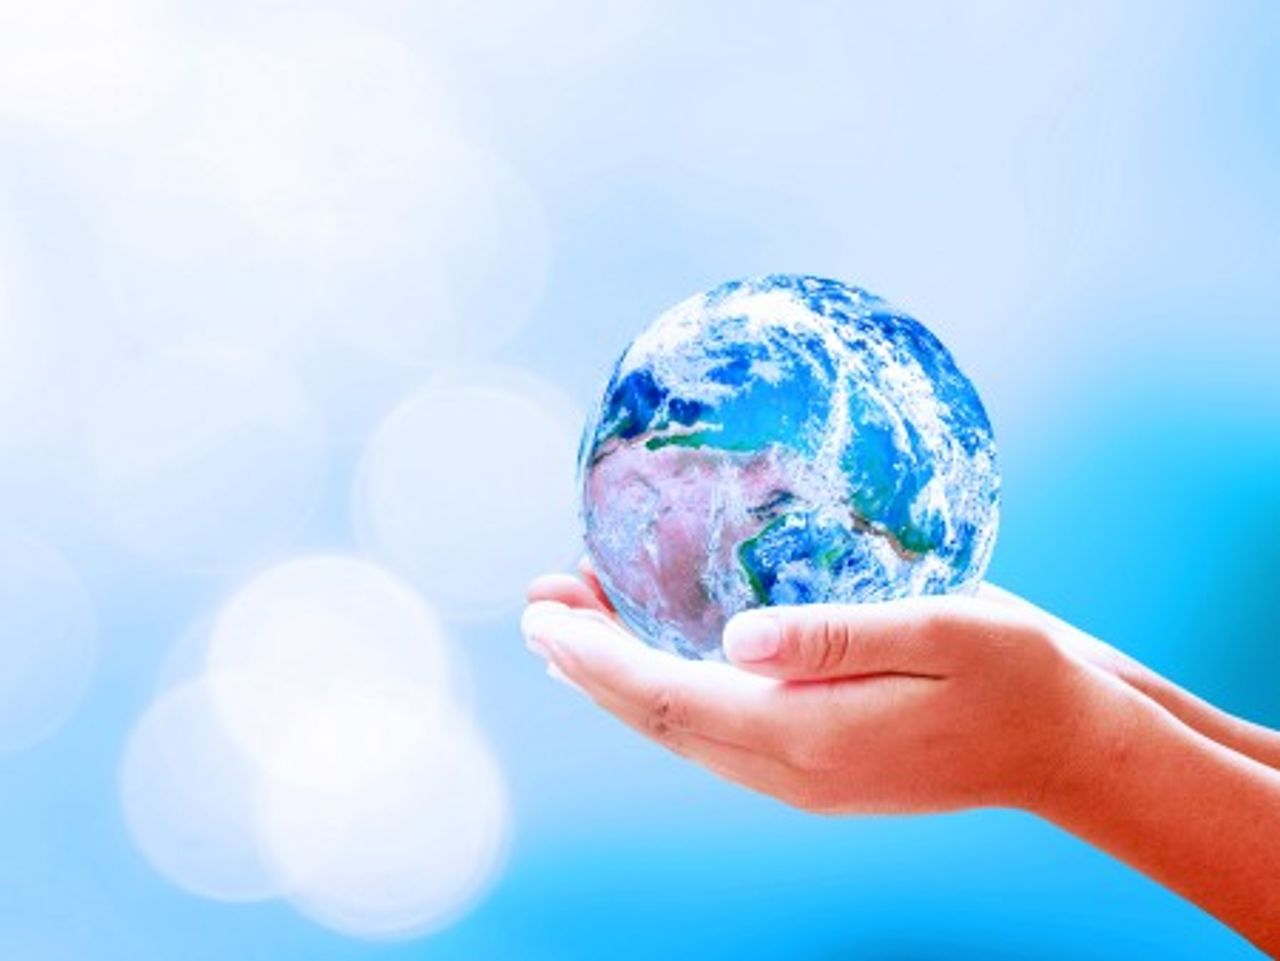 Dve ruky držia v ruke sklenený glóbus na modrom pozadí